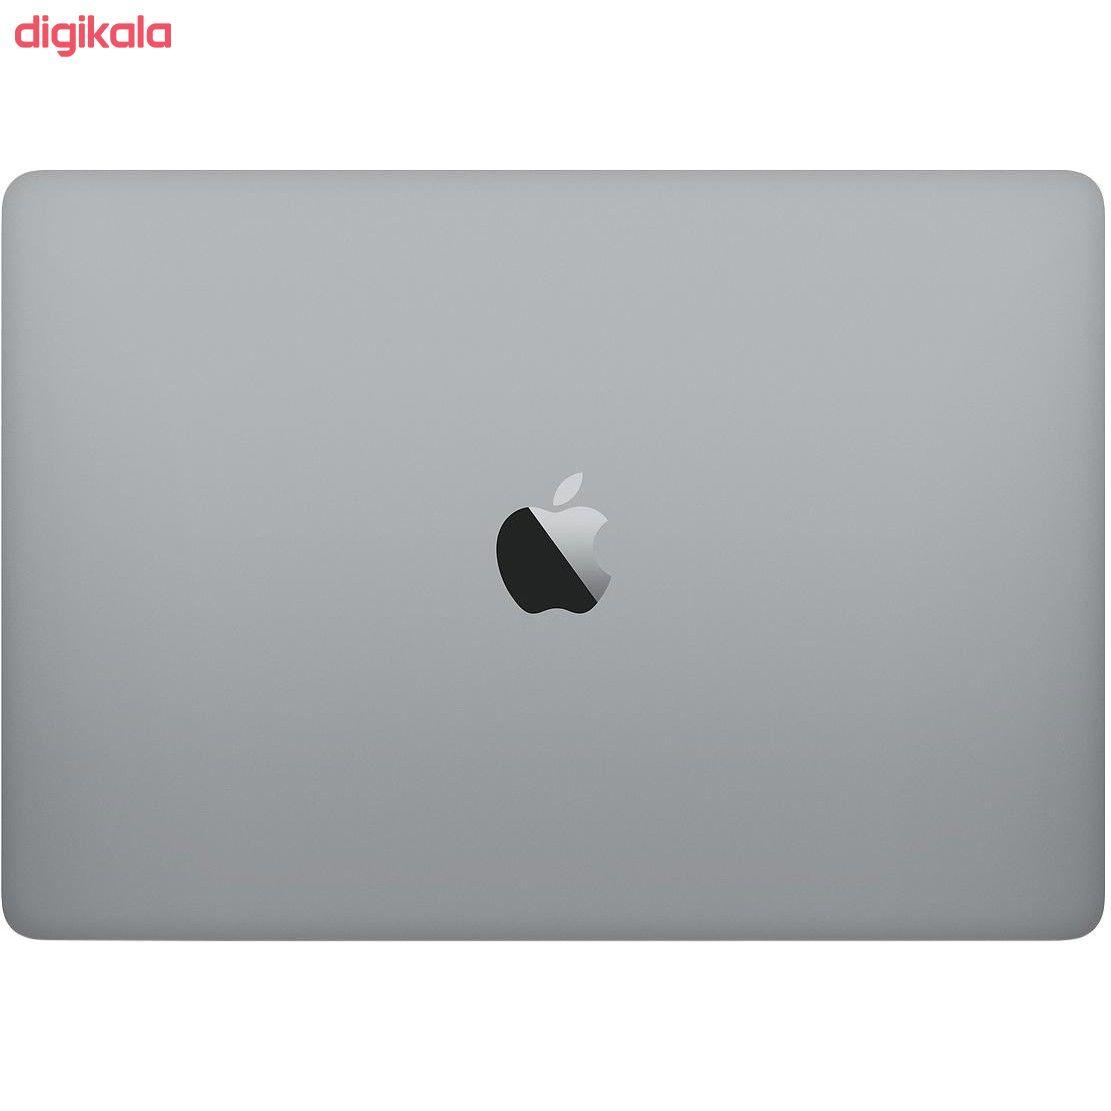 لپ تاپ 13 اینچی اپل مدل MacBook Pro MWP52 2020 همراه با تاچ بار  main 1 4